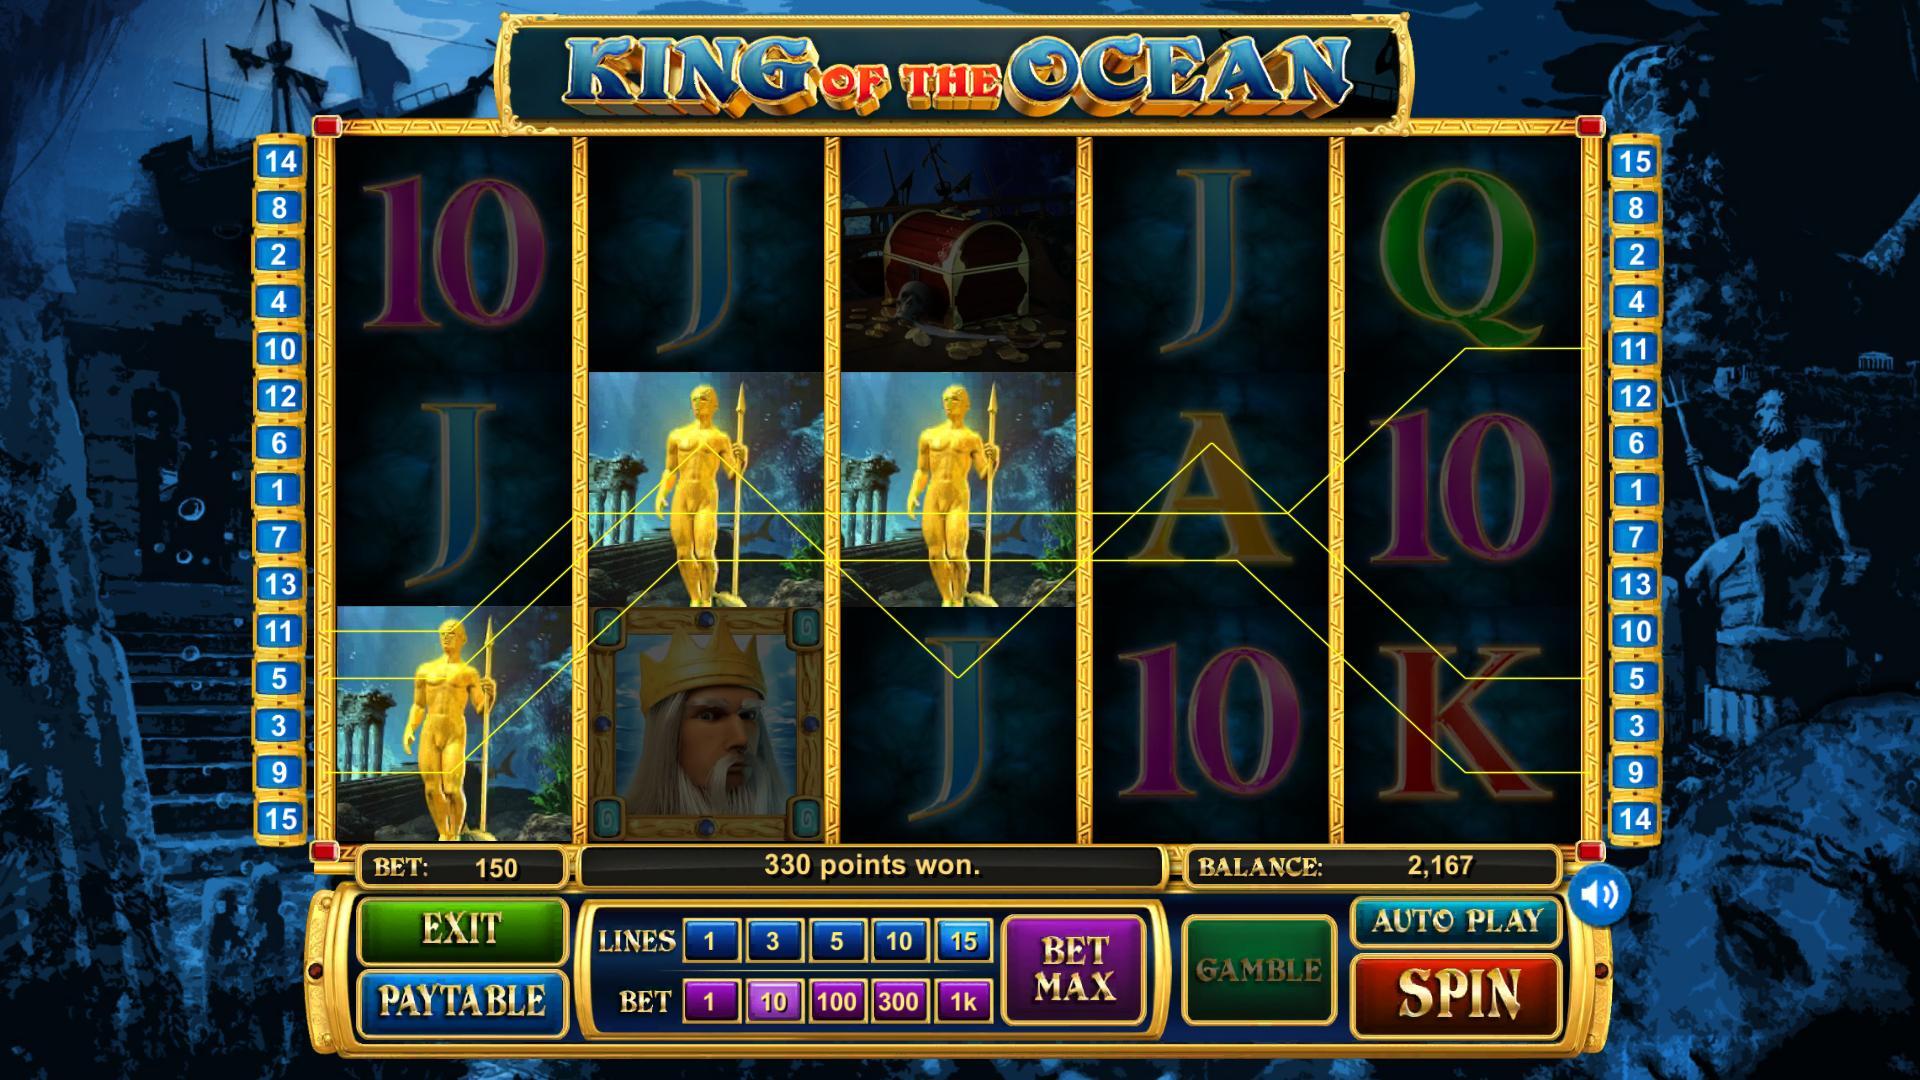 Играть в лучшие игровые автоматы онлайн в казино СлотоКинг